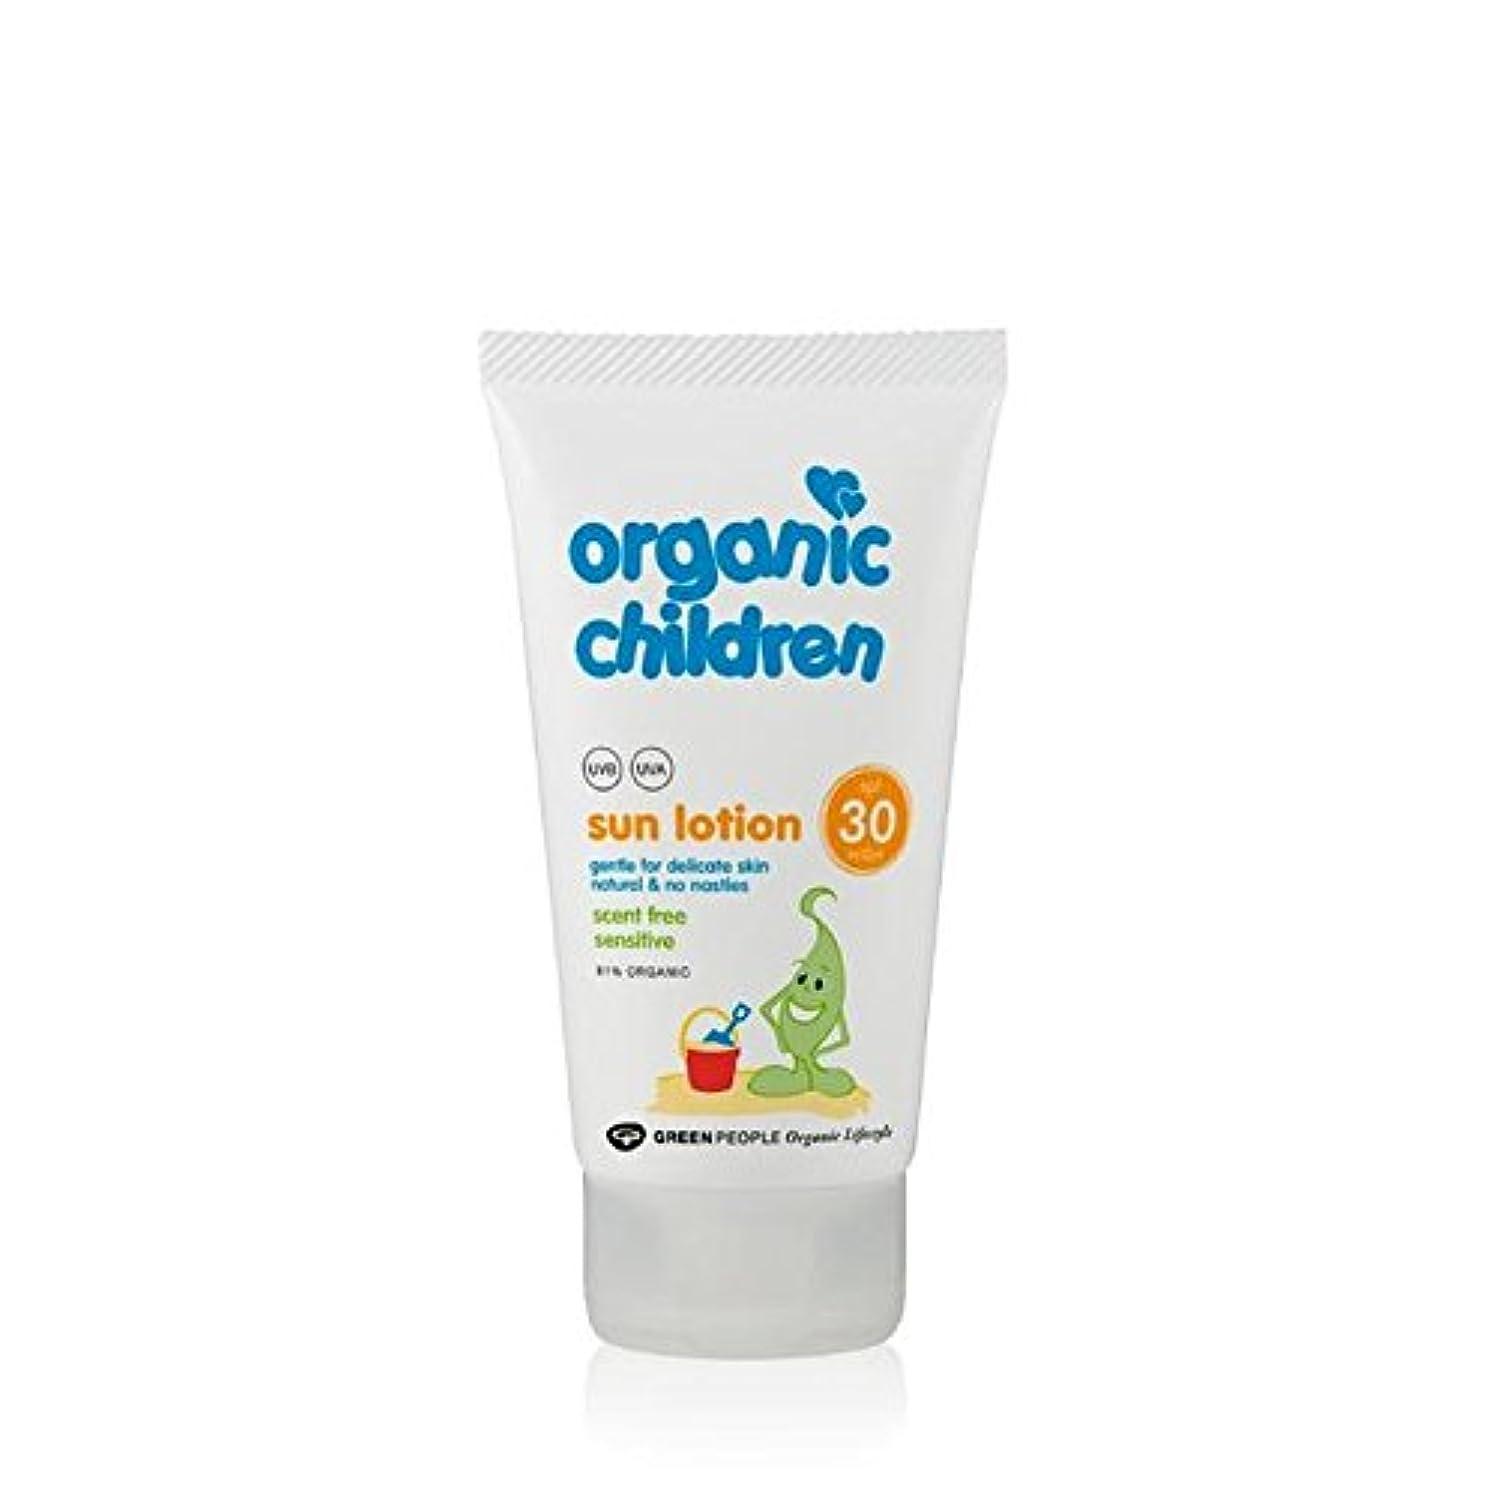 歩き回る慈悲深い足枷有機子ども30の香り無料のサンローション150 x4 - Organic Children SPF30 Scent Free Sun Lotion 150ml (Pack of 4) [並行輸入品]